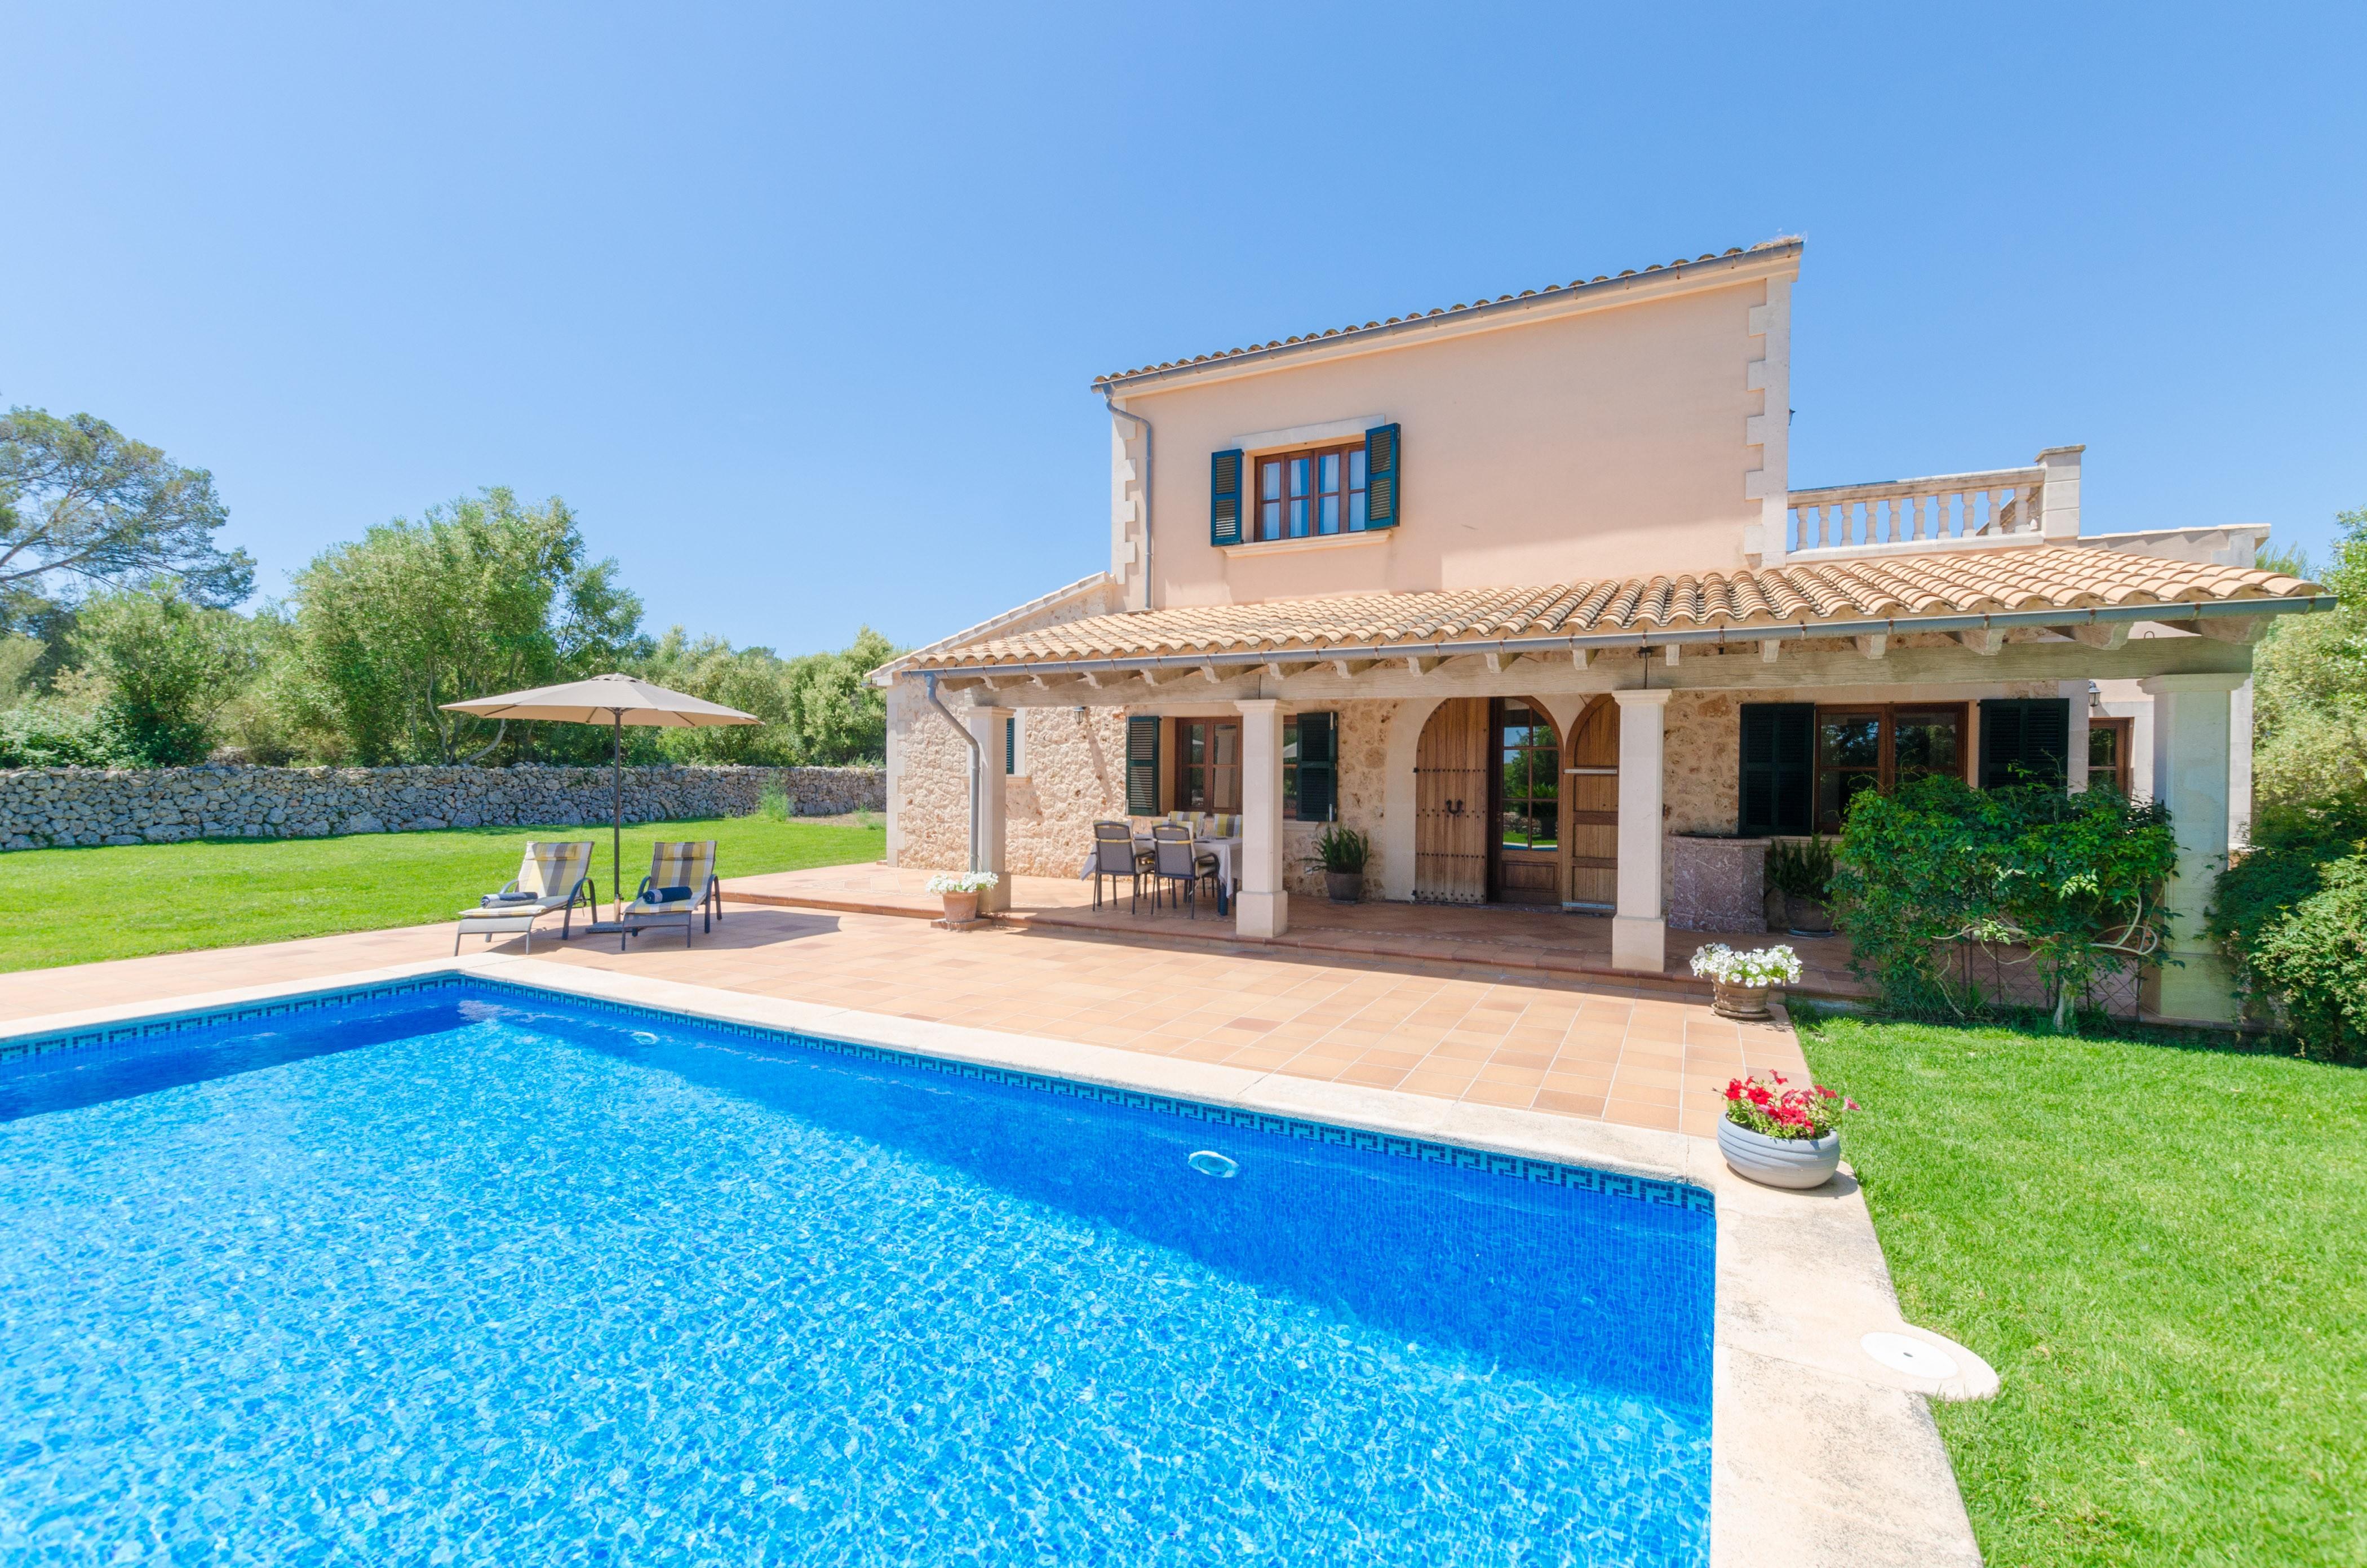 Maison de vacances ES VEDAT (2632993), Lloret de Vistalegre, Majorque, Iles Baléares, Espagne, image 37